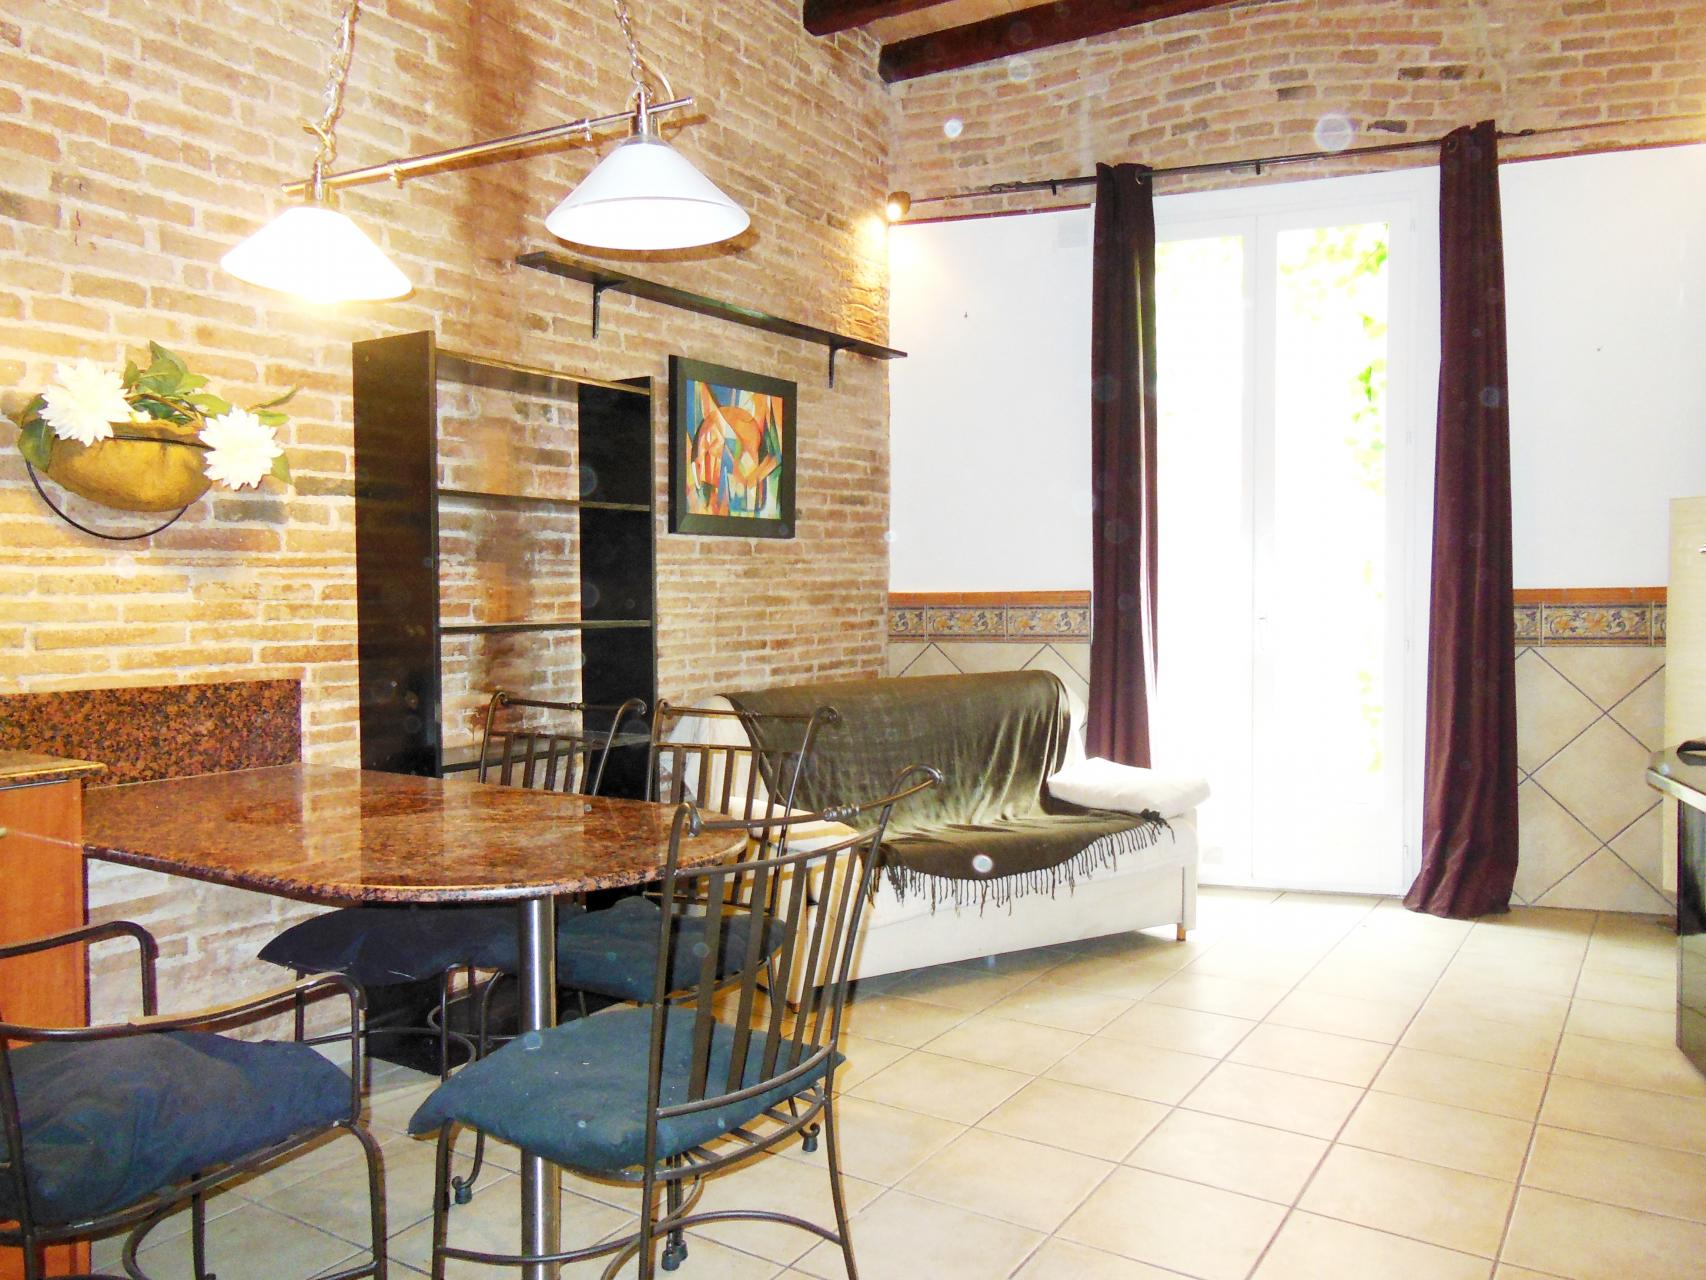 appartement meubl en location longue dur e. Black Bedroom Furniture Sets. Home Design Ideas